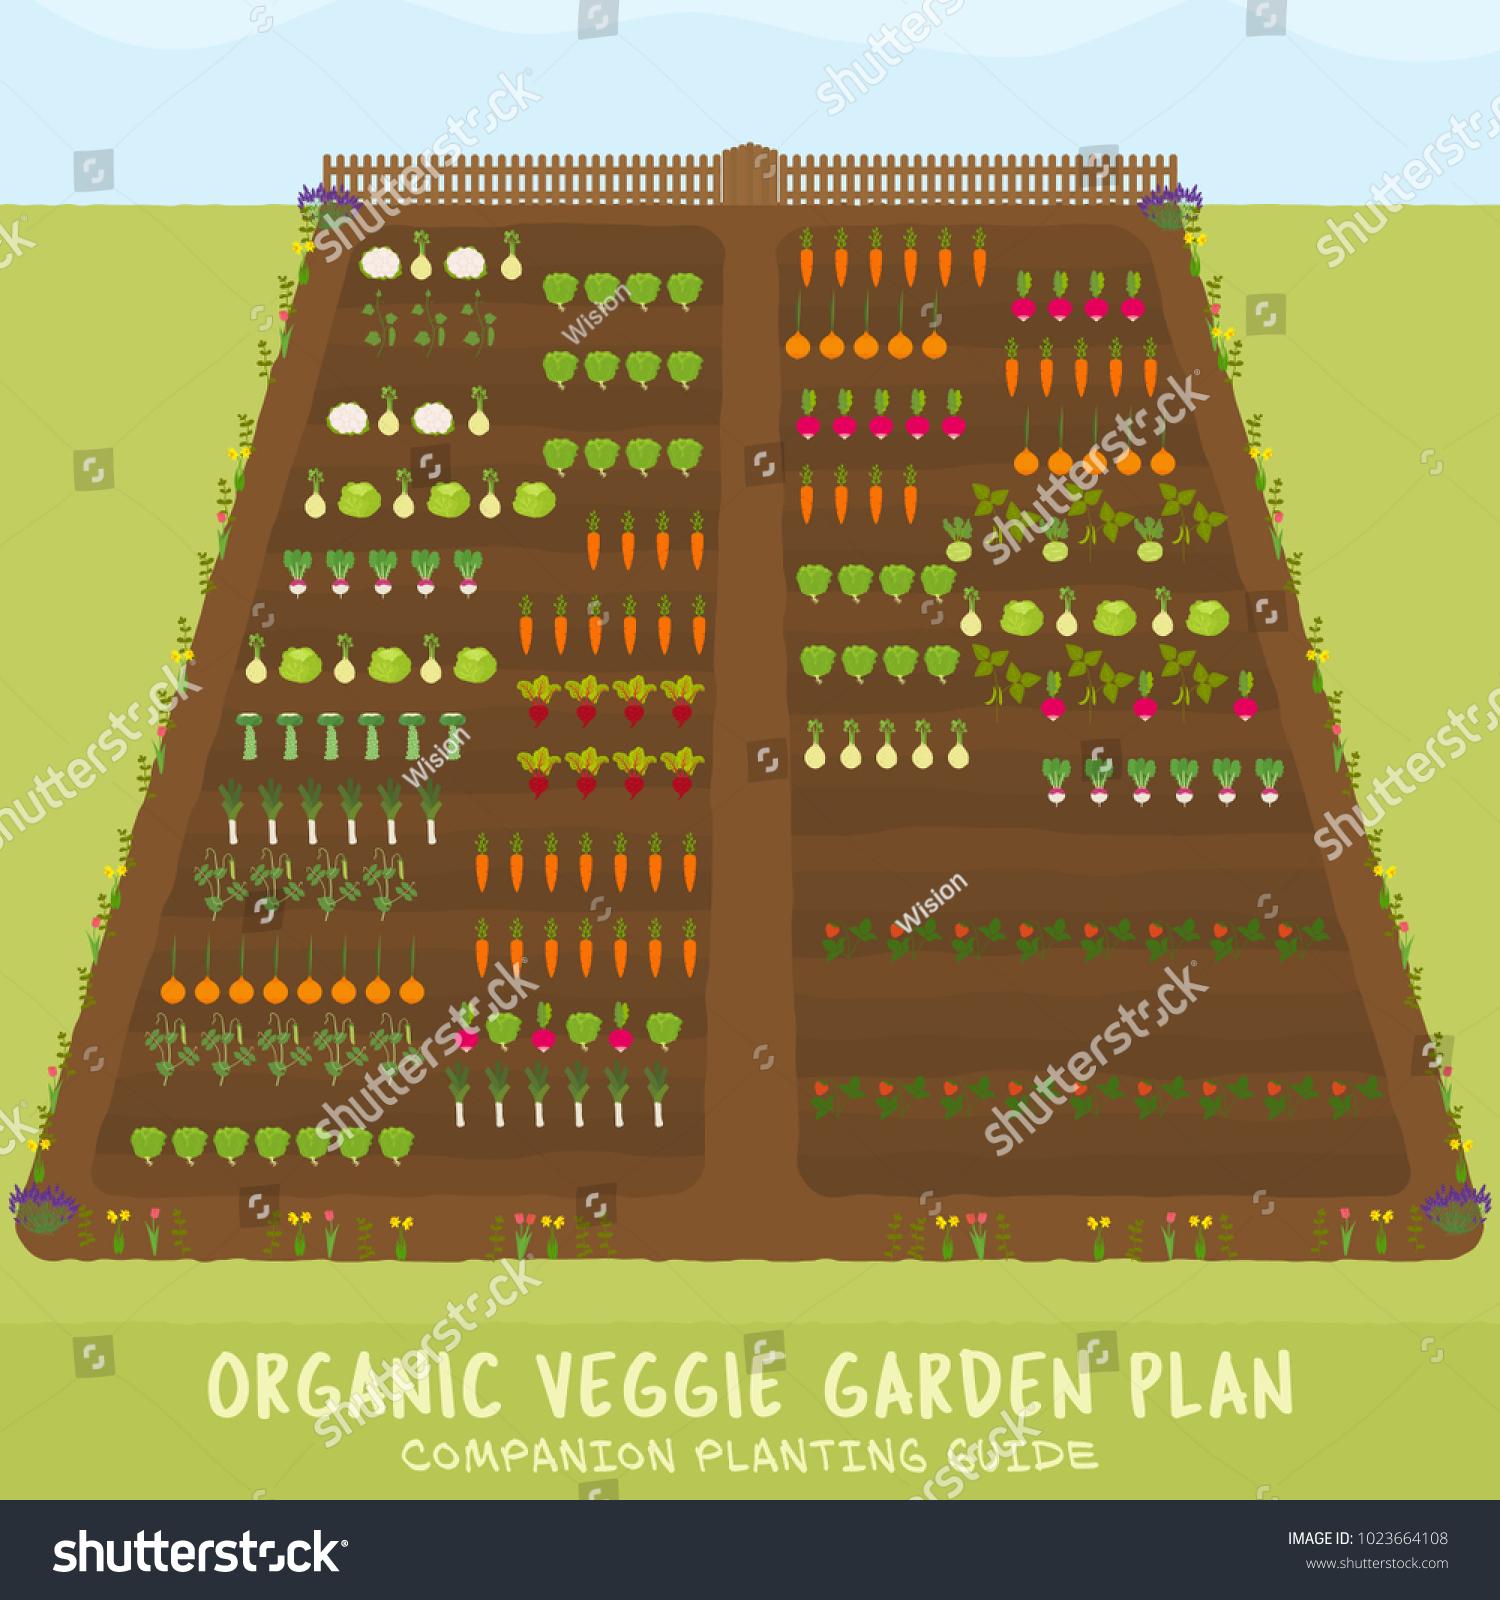 Organic Veggie Garden Plan Companion Planting Stock Vector (Royalty ...